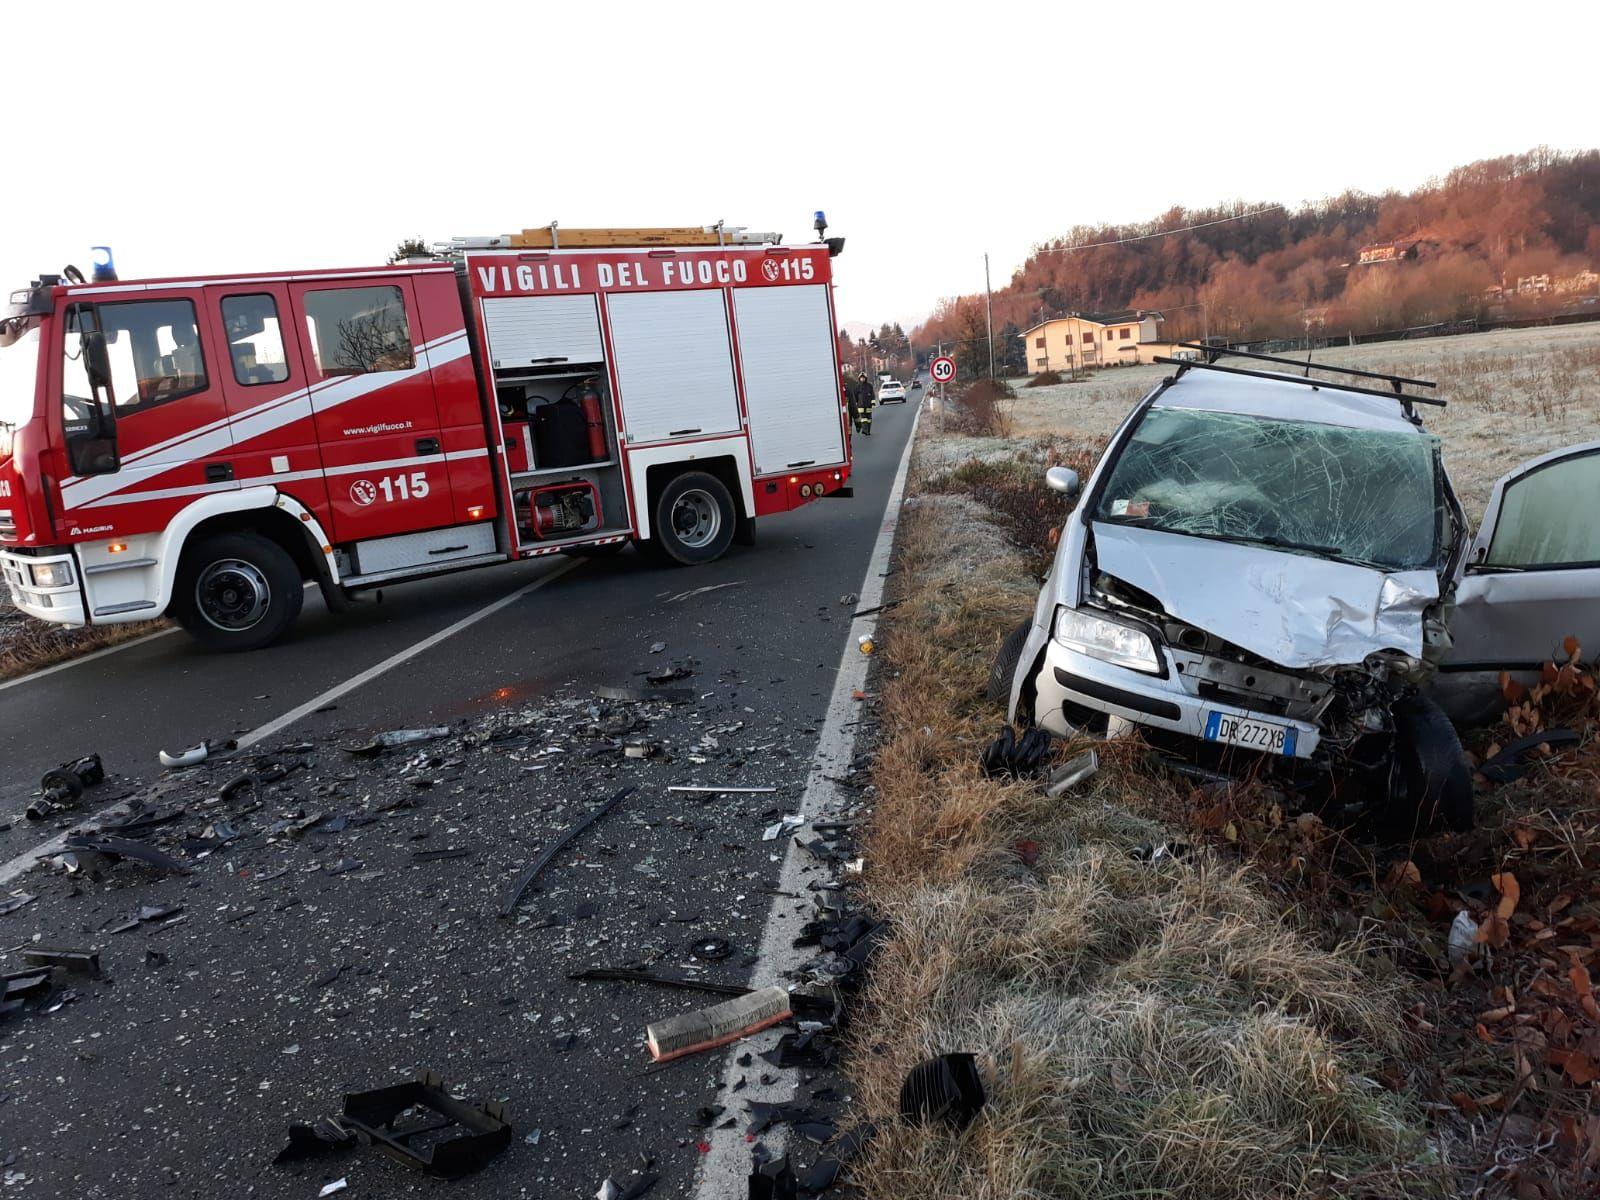 TRAGICO NATALE IN CANAVESE - Incidente stradale a Castellamonte, muore un ragazzo; due feriti in ospedale - FOTO